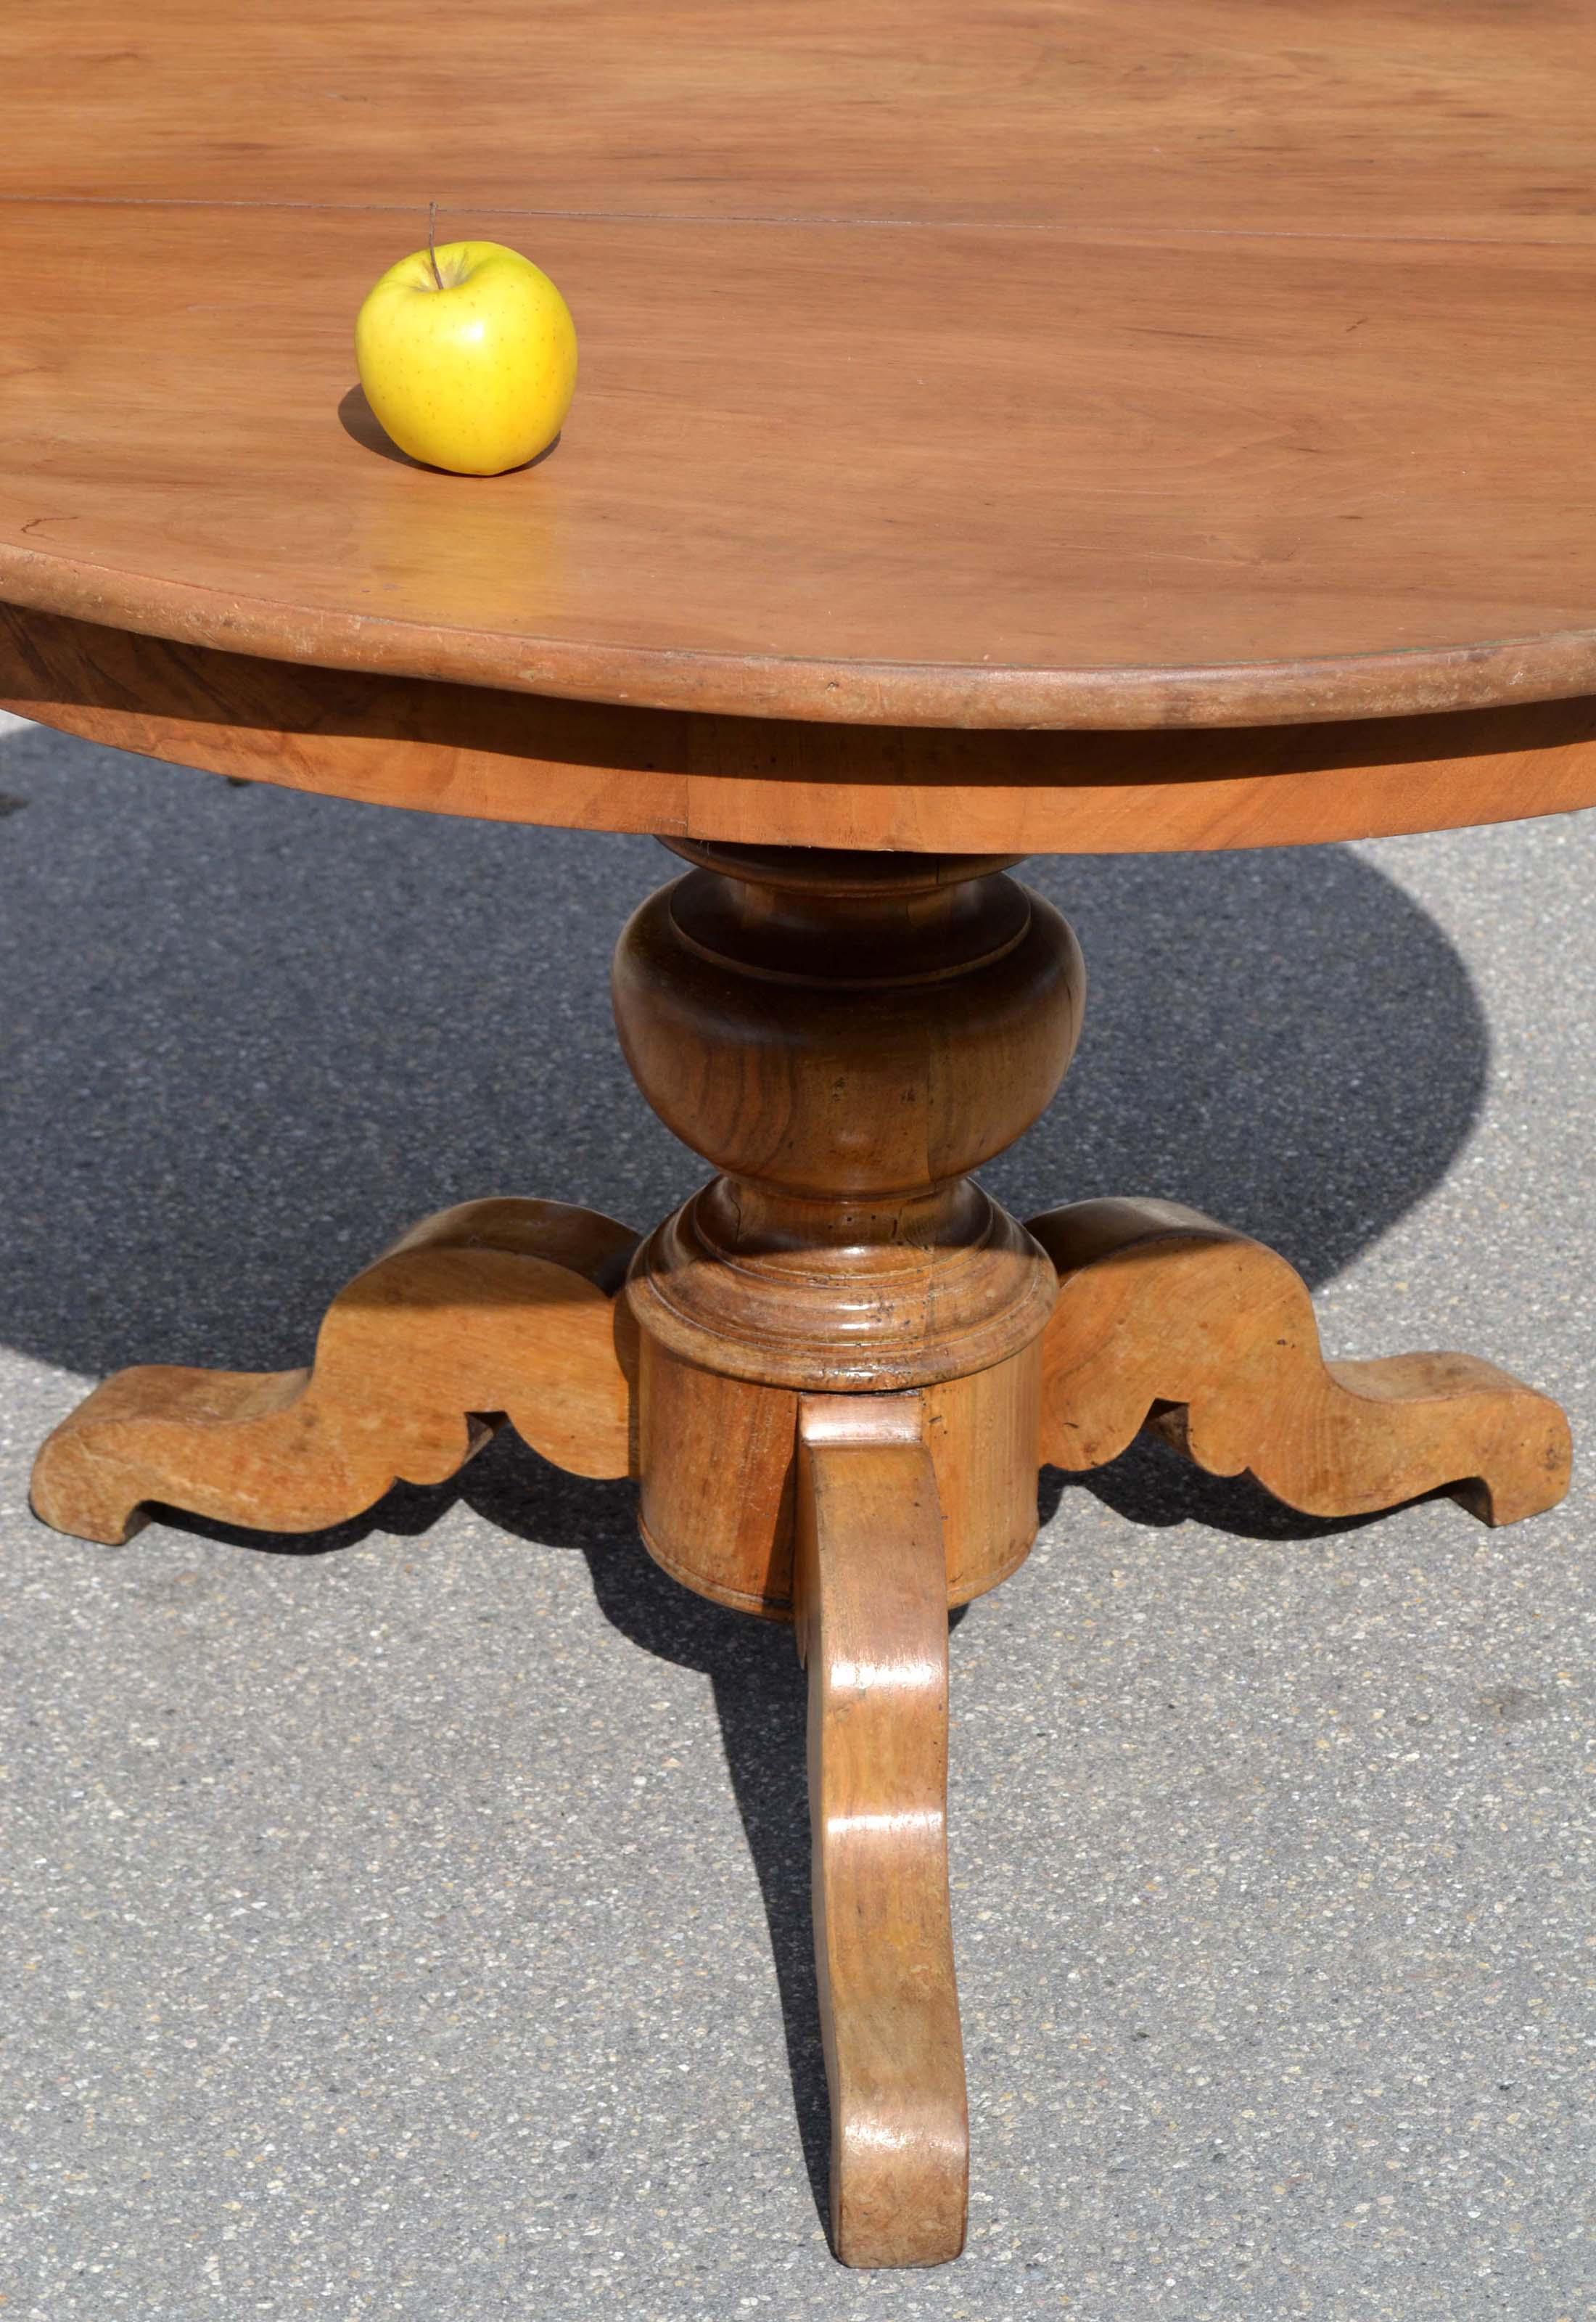 Objets et mobilier de la fin du 19 me antiquit s et brocante - Pieds de table bois tourne ...